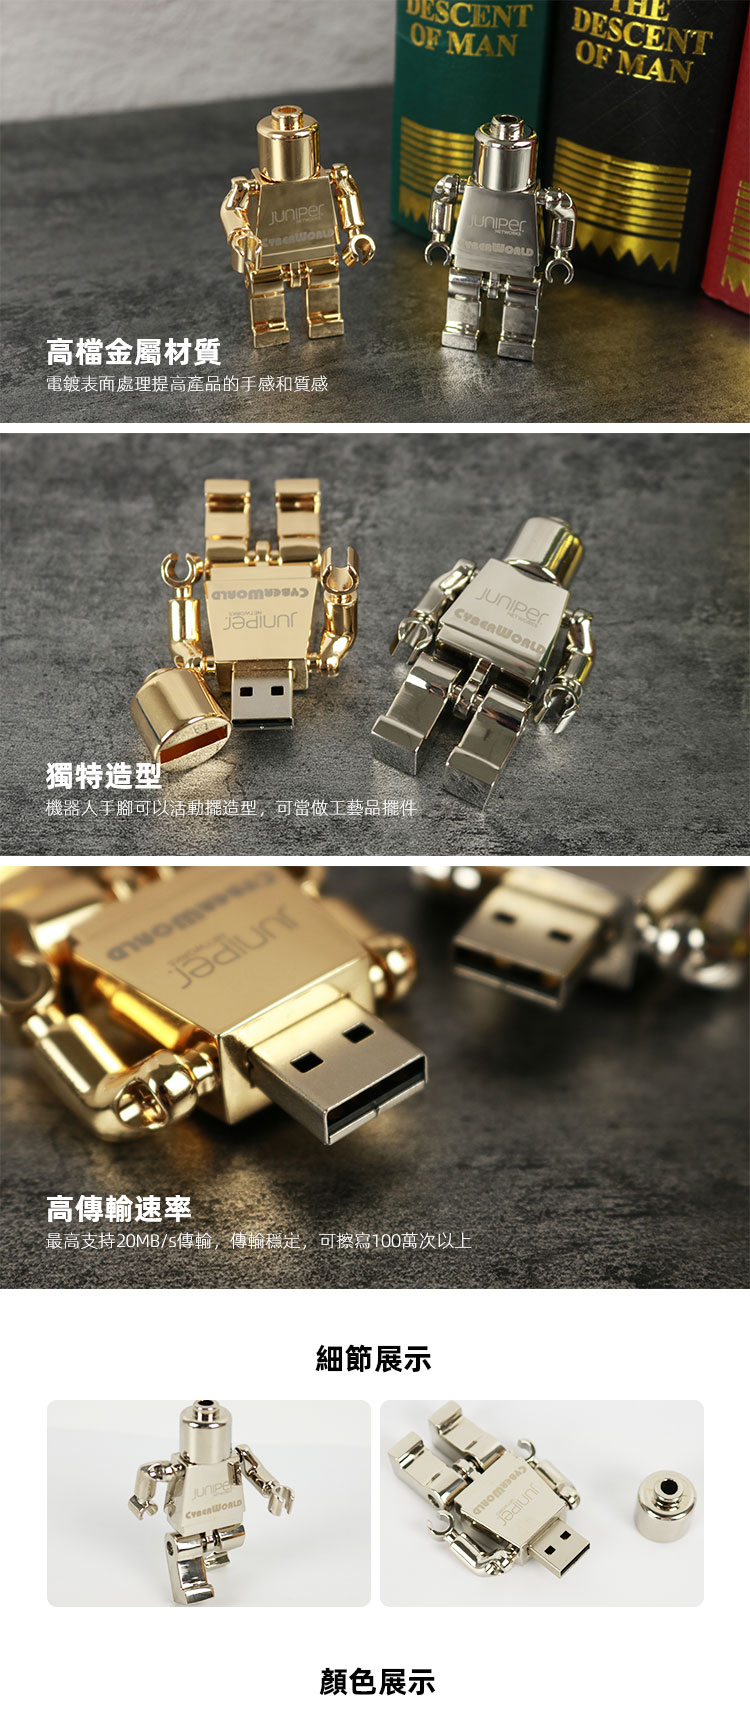 金屬USB高效穩定傳輸